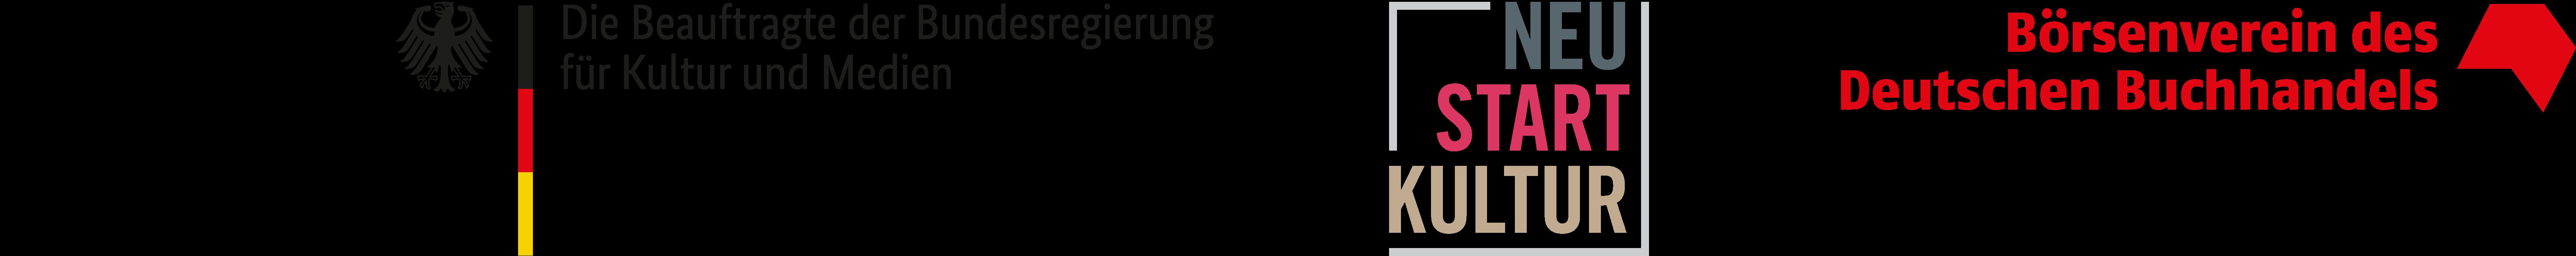 Banner_Neustart-Kultur